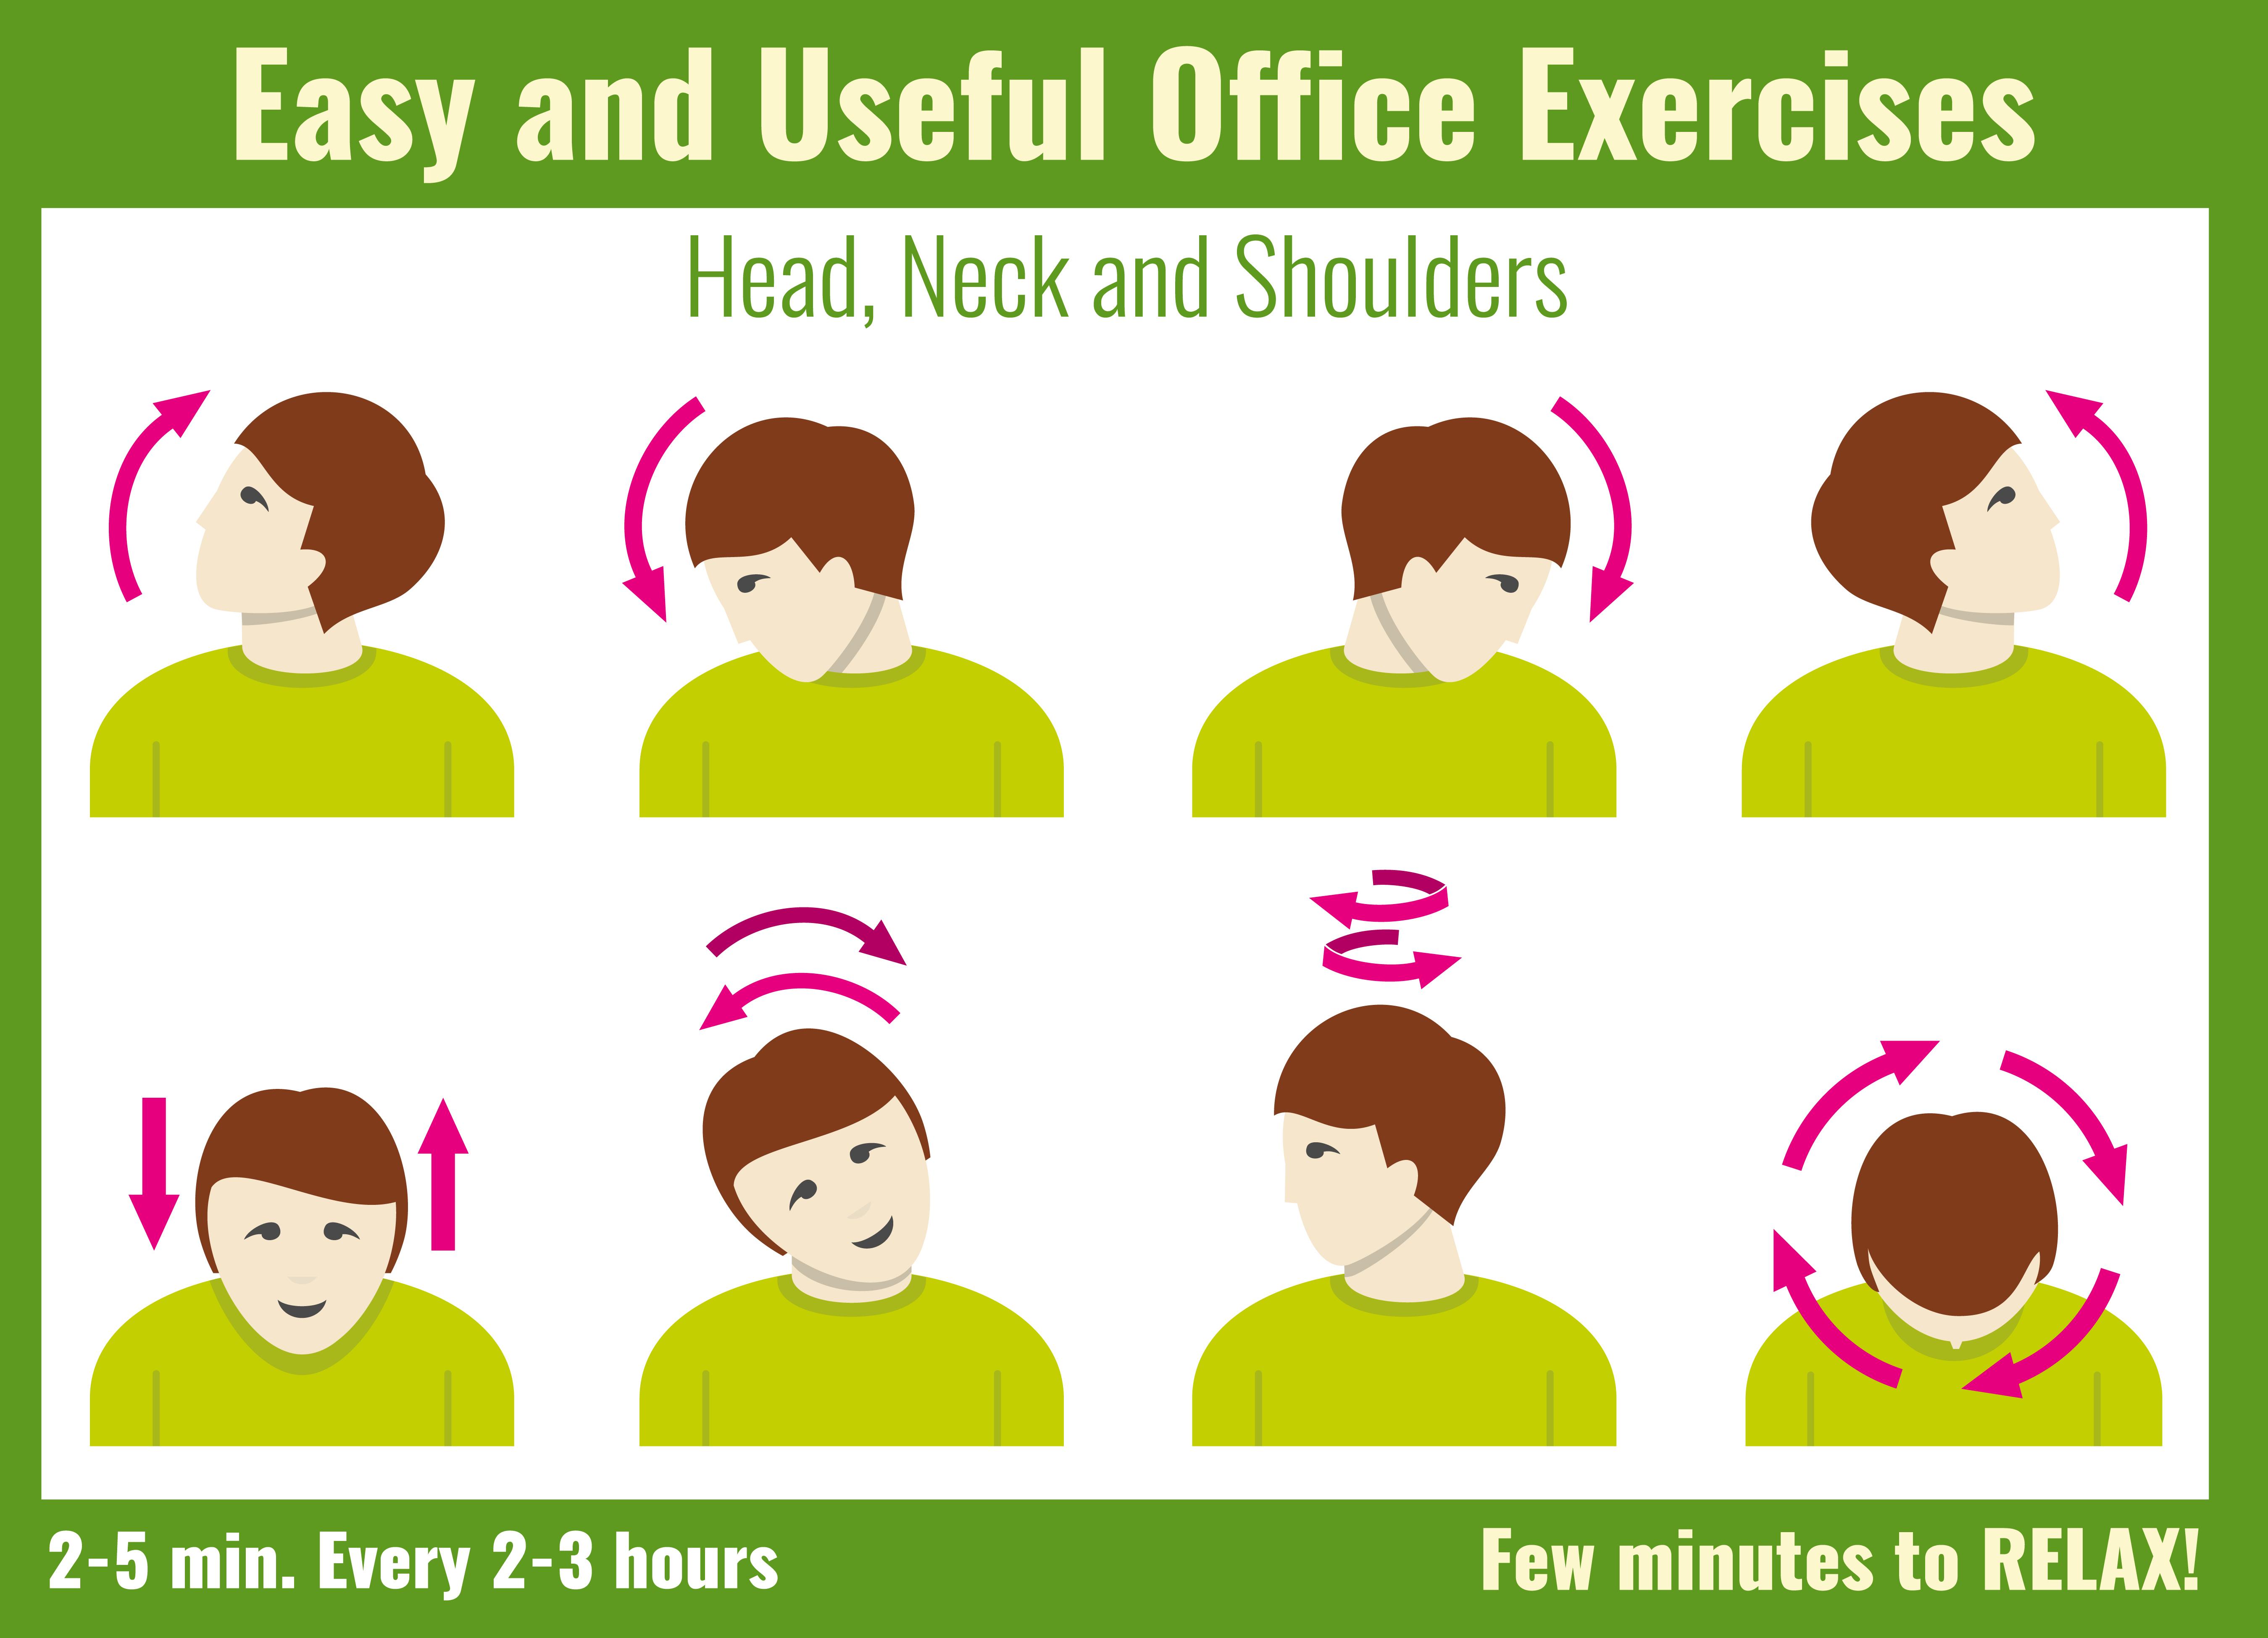 Useful head exercises